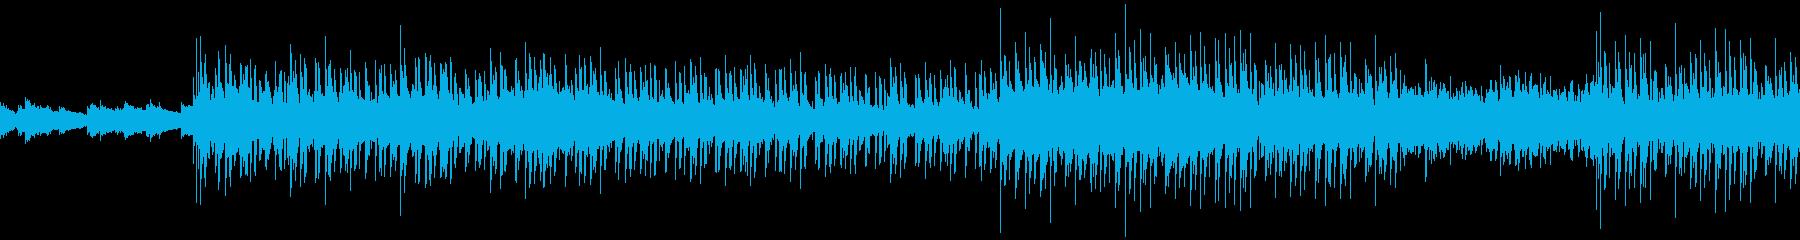 ループ仕様:夏の夜をイメージしたチル楽曲の再生済みの波形